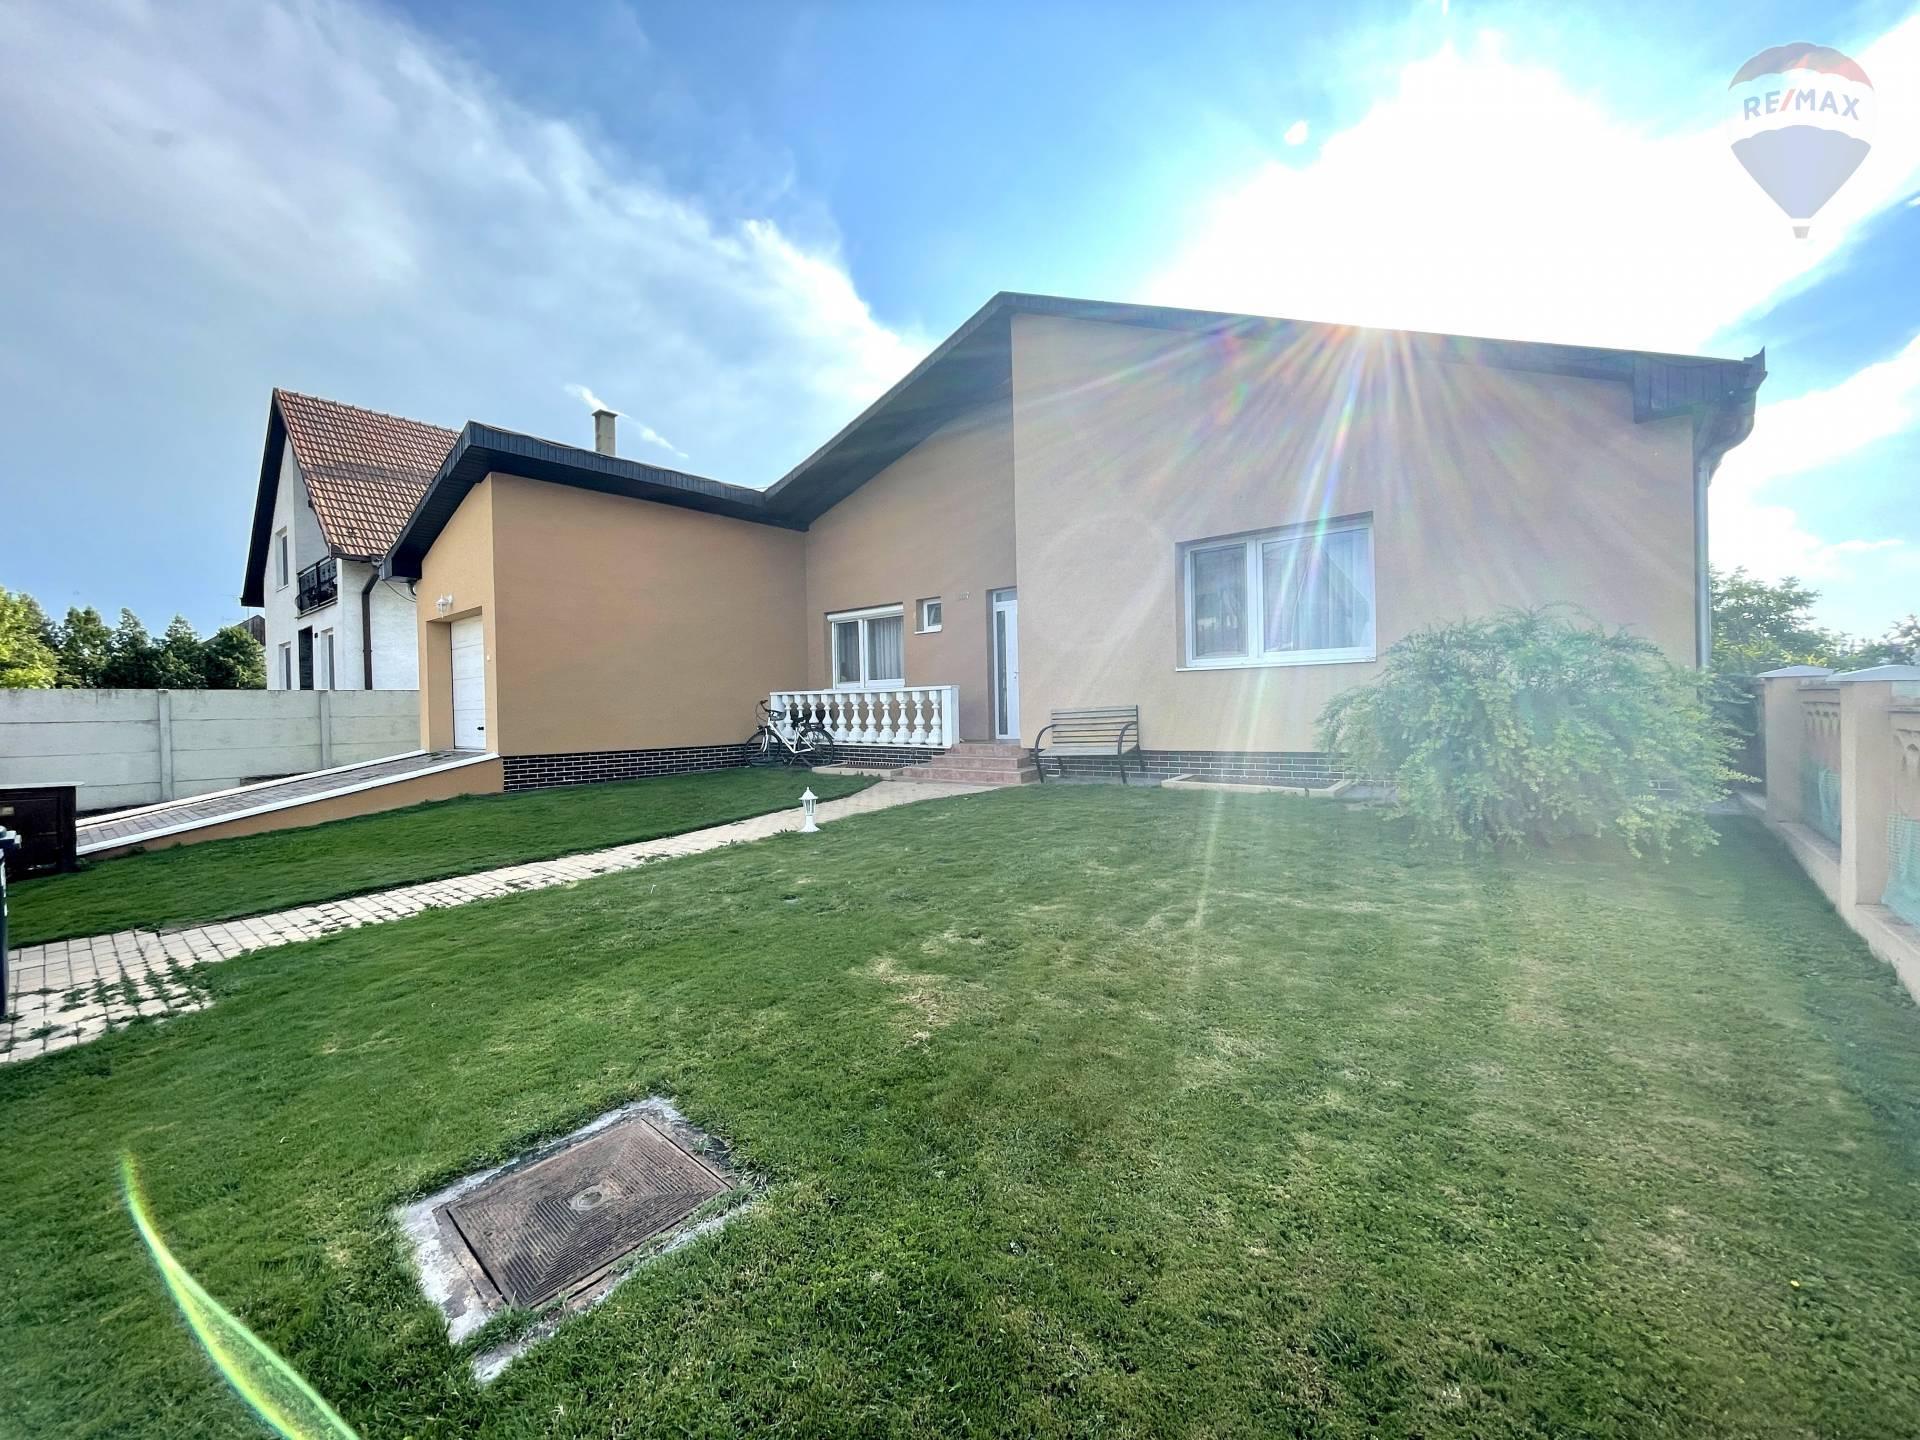 Predaj rodinného domu 297m2 + 900m2 pozemok